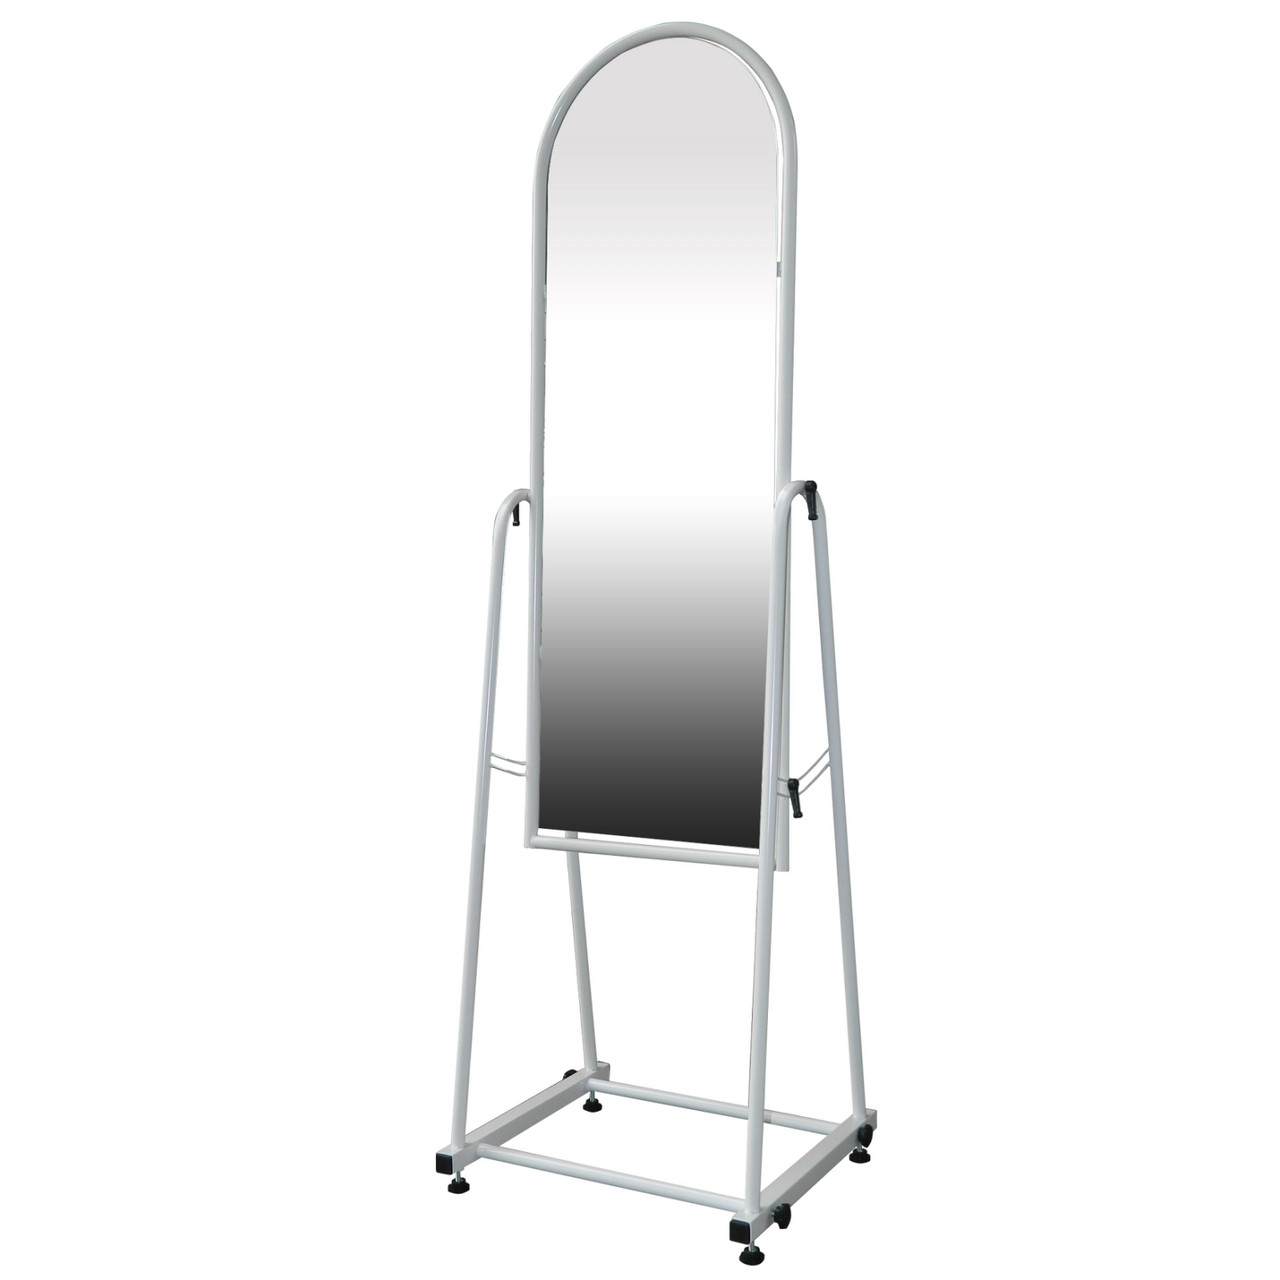 Торговое напольное зеркало для одежды белого цвета